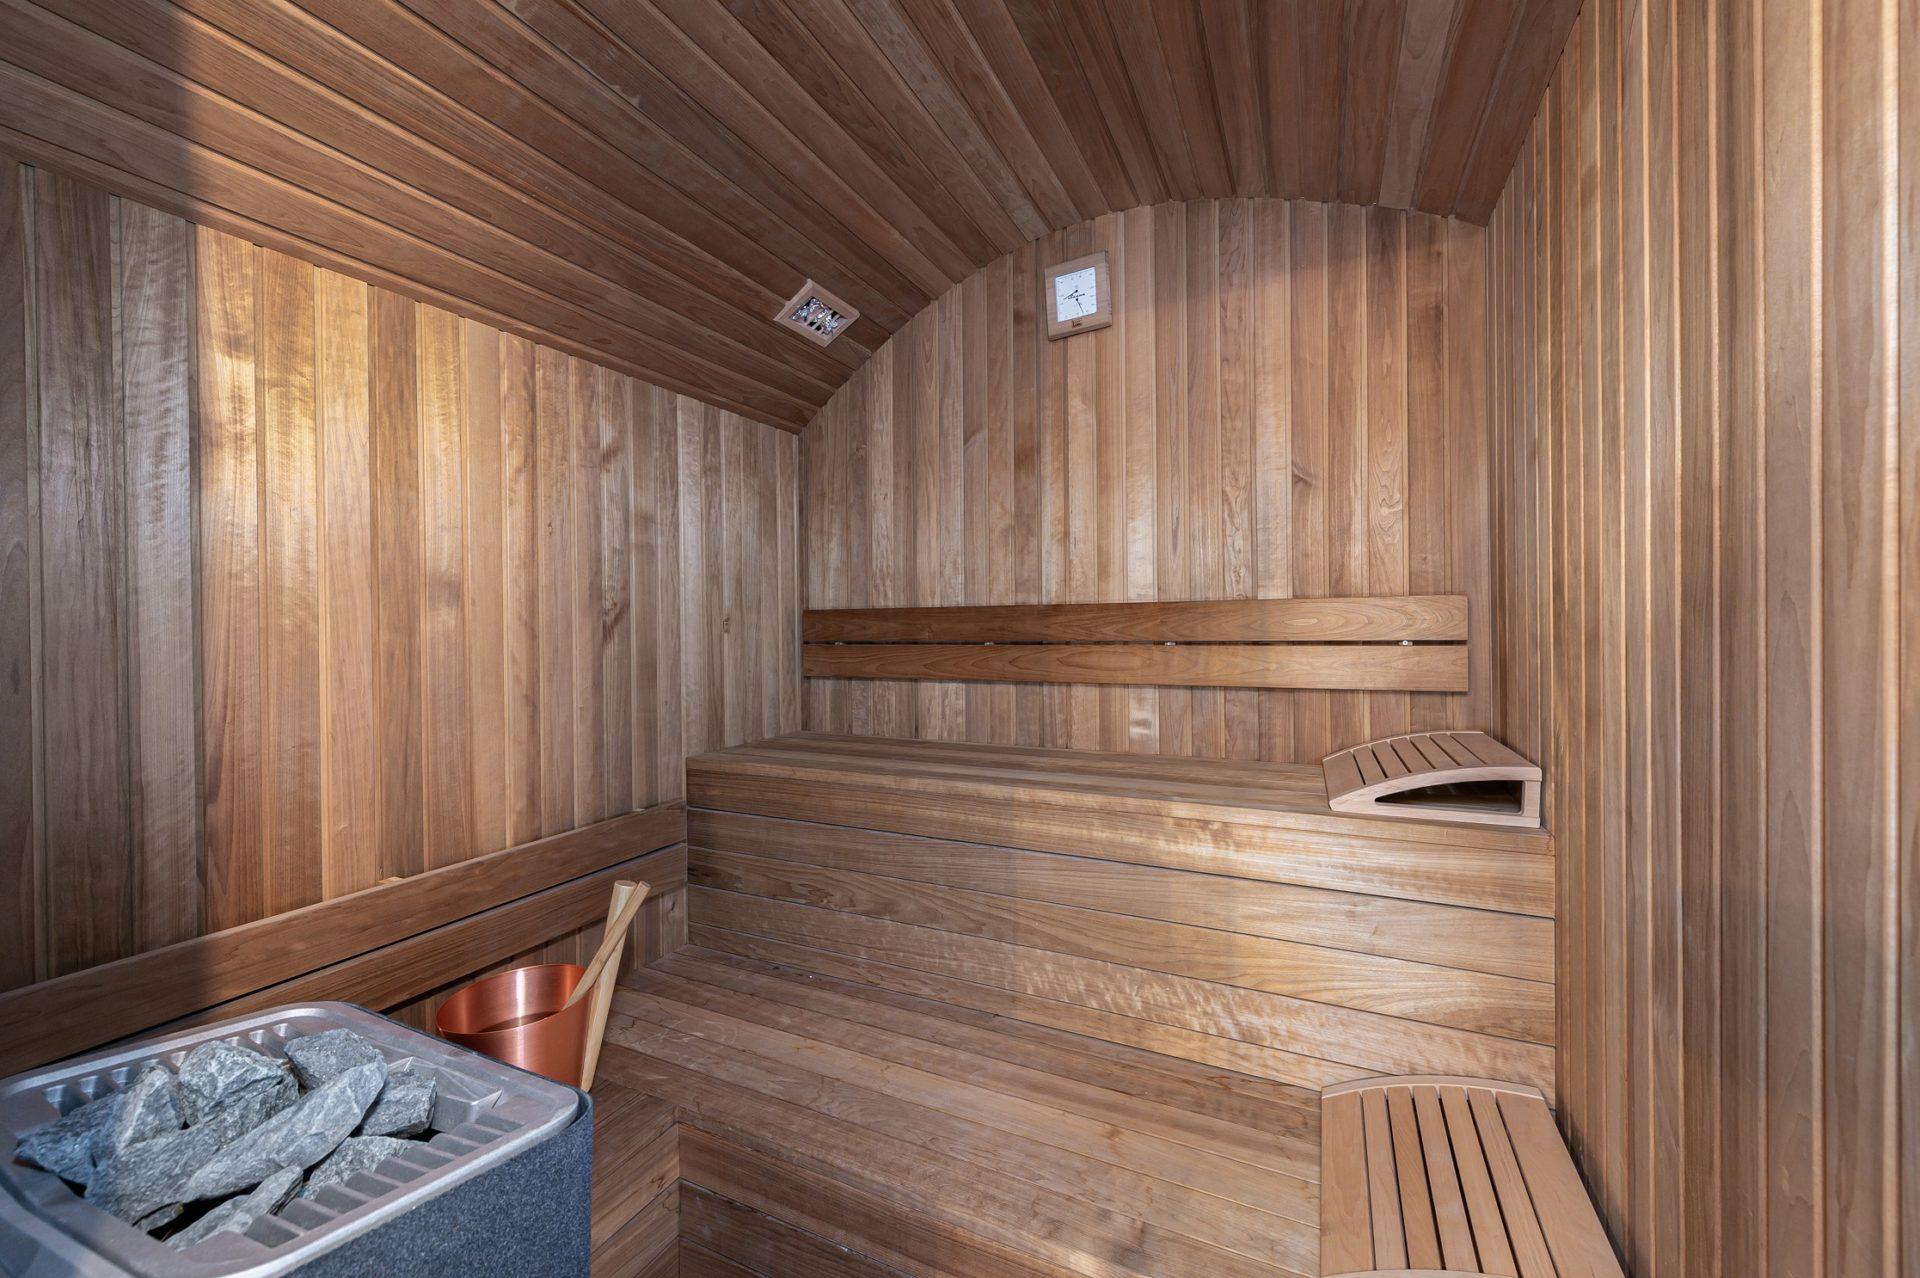 L'Epicerie / Appartement 1 / Sauna / Saint Martin de Belleville, Savoie